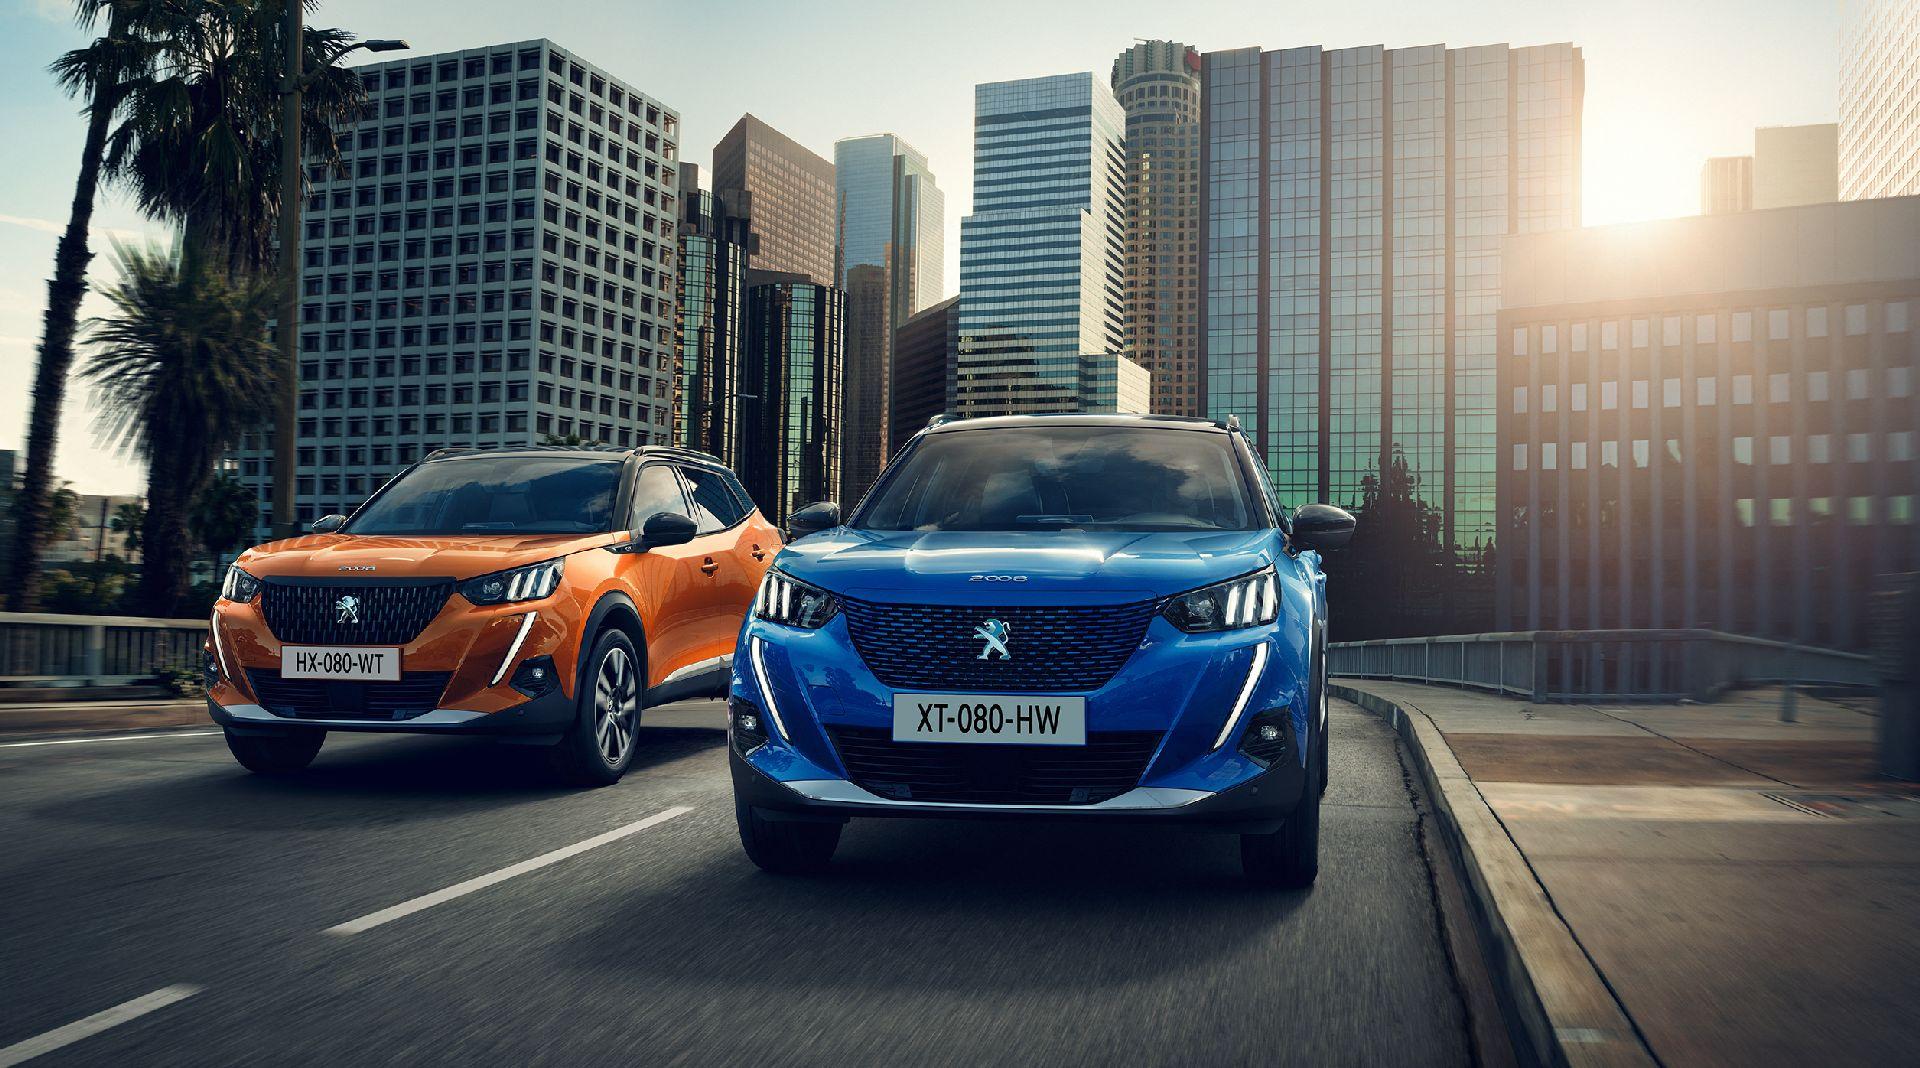 Peugeot giới thiệu thế hệ mới 2008 có thêm phiên bản chạy hoàn toàn bằng điện - 4